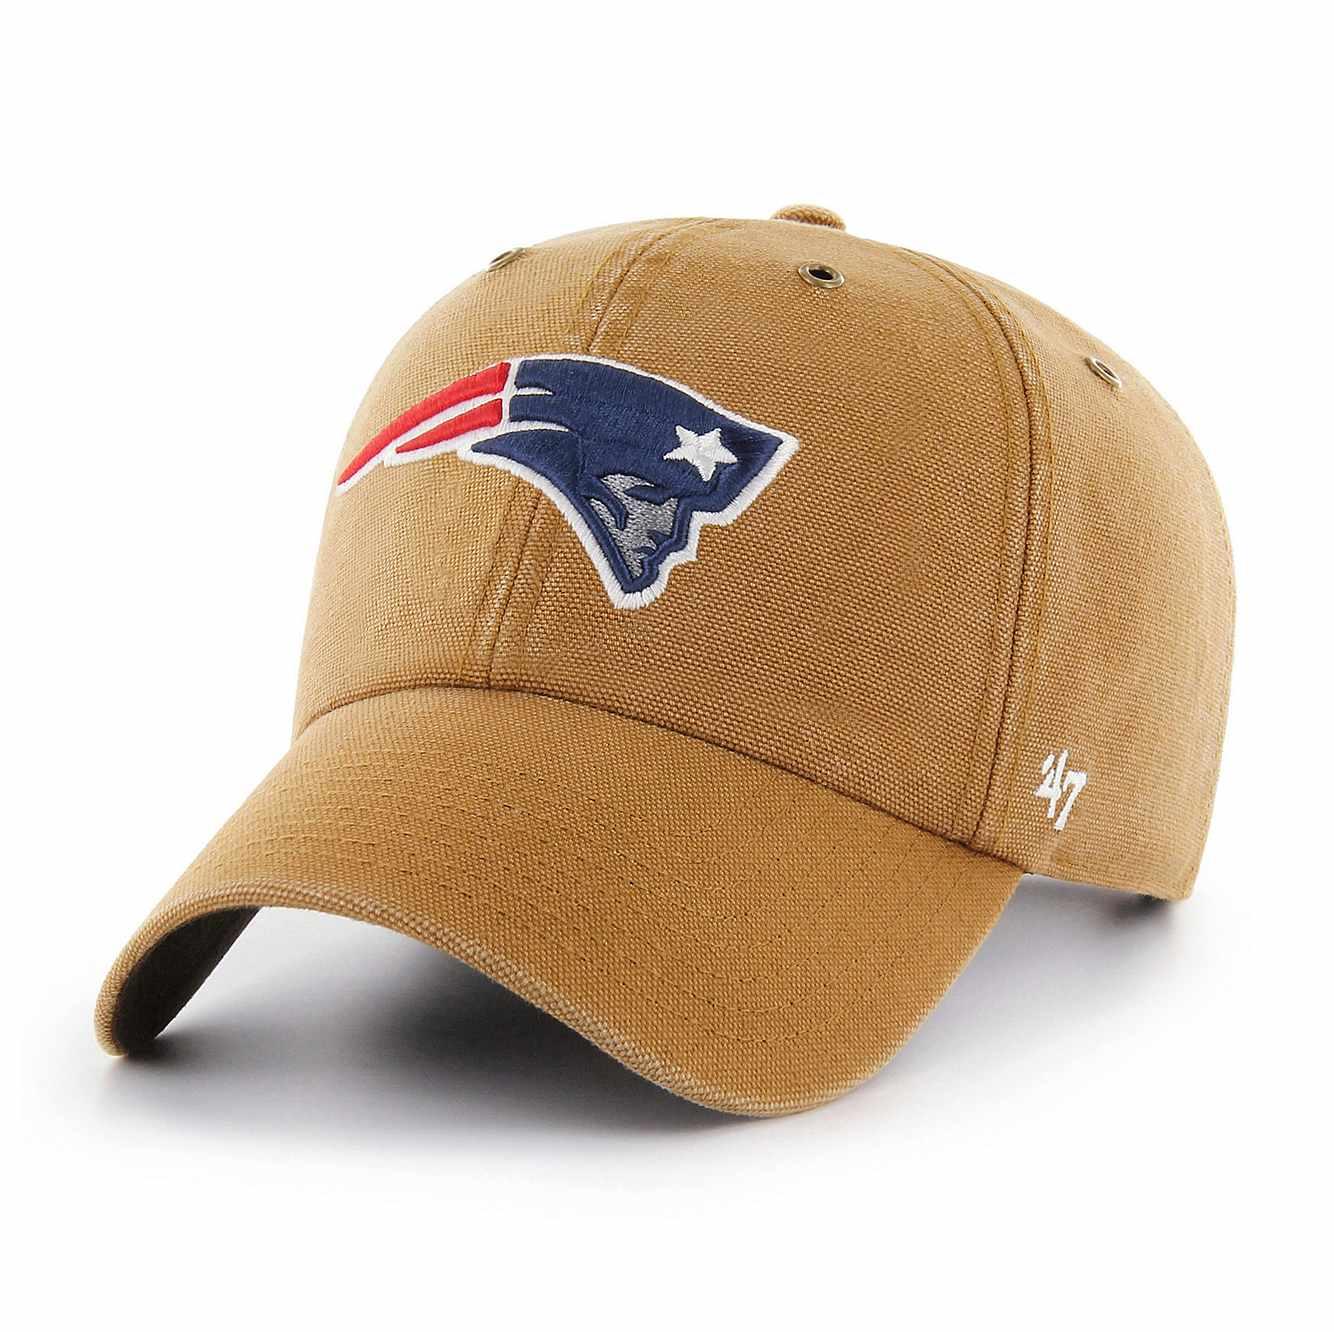 Carharrt x '47 Clean Up Adjustable Strapback Cap (New England Patriots) (2 color options)